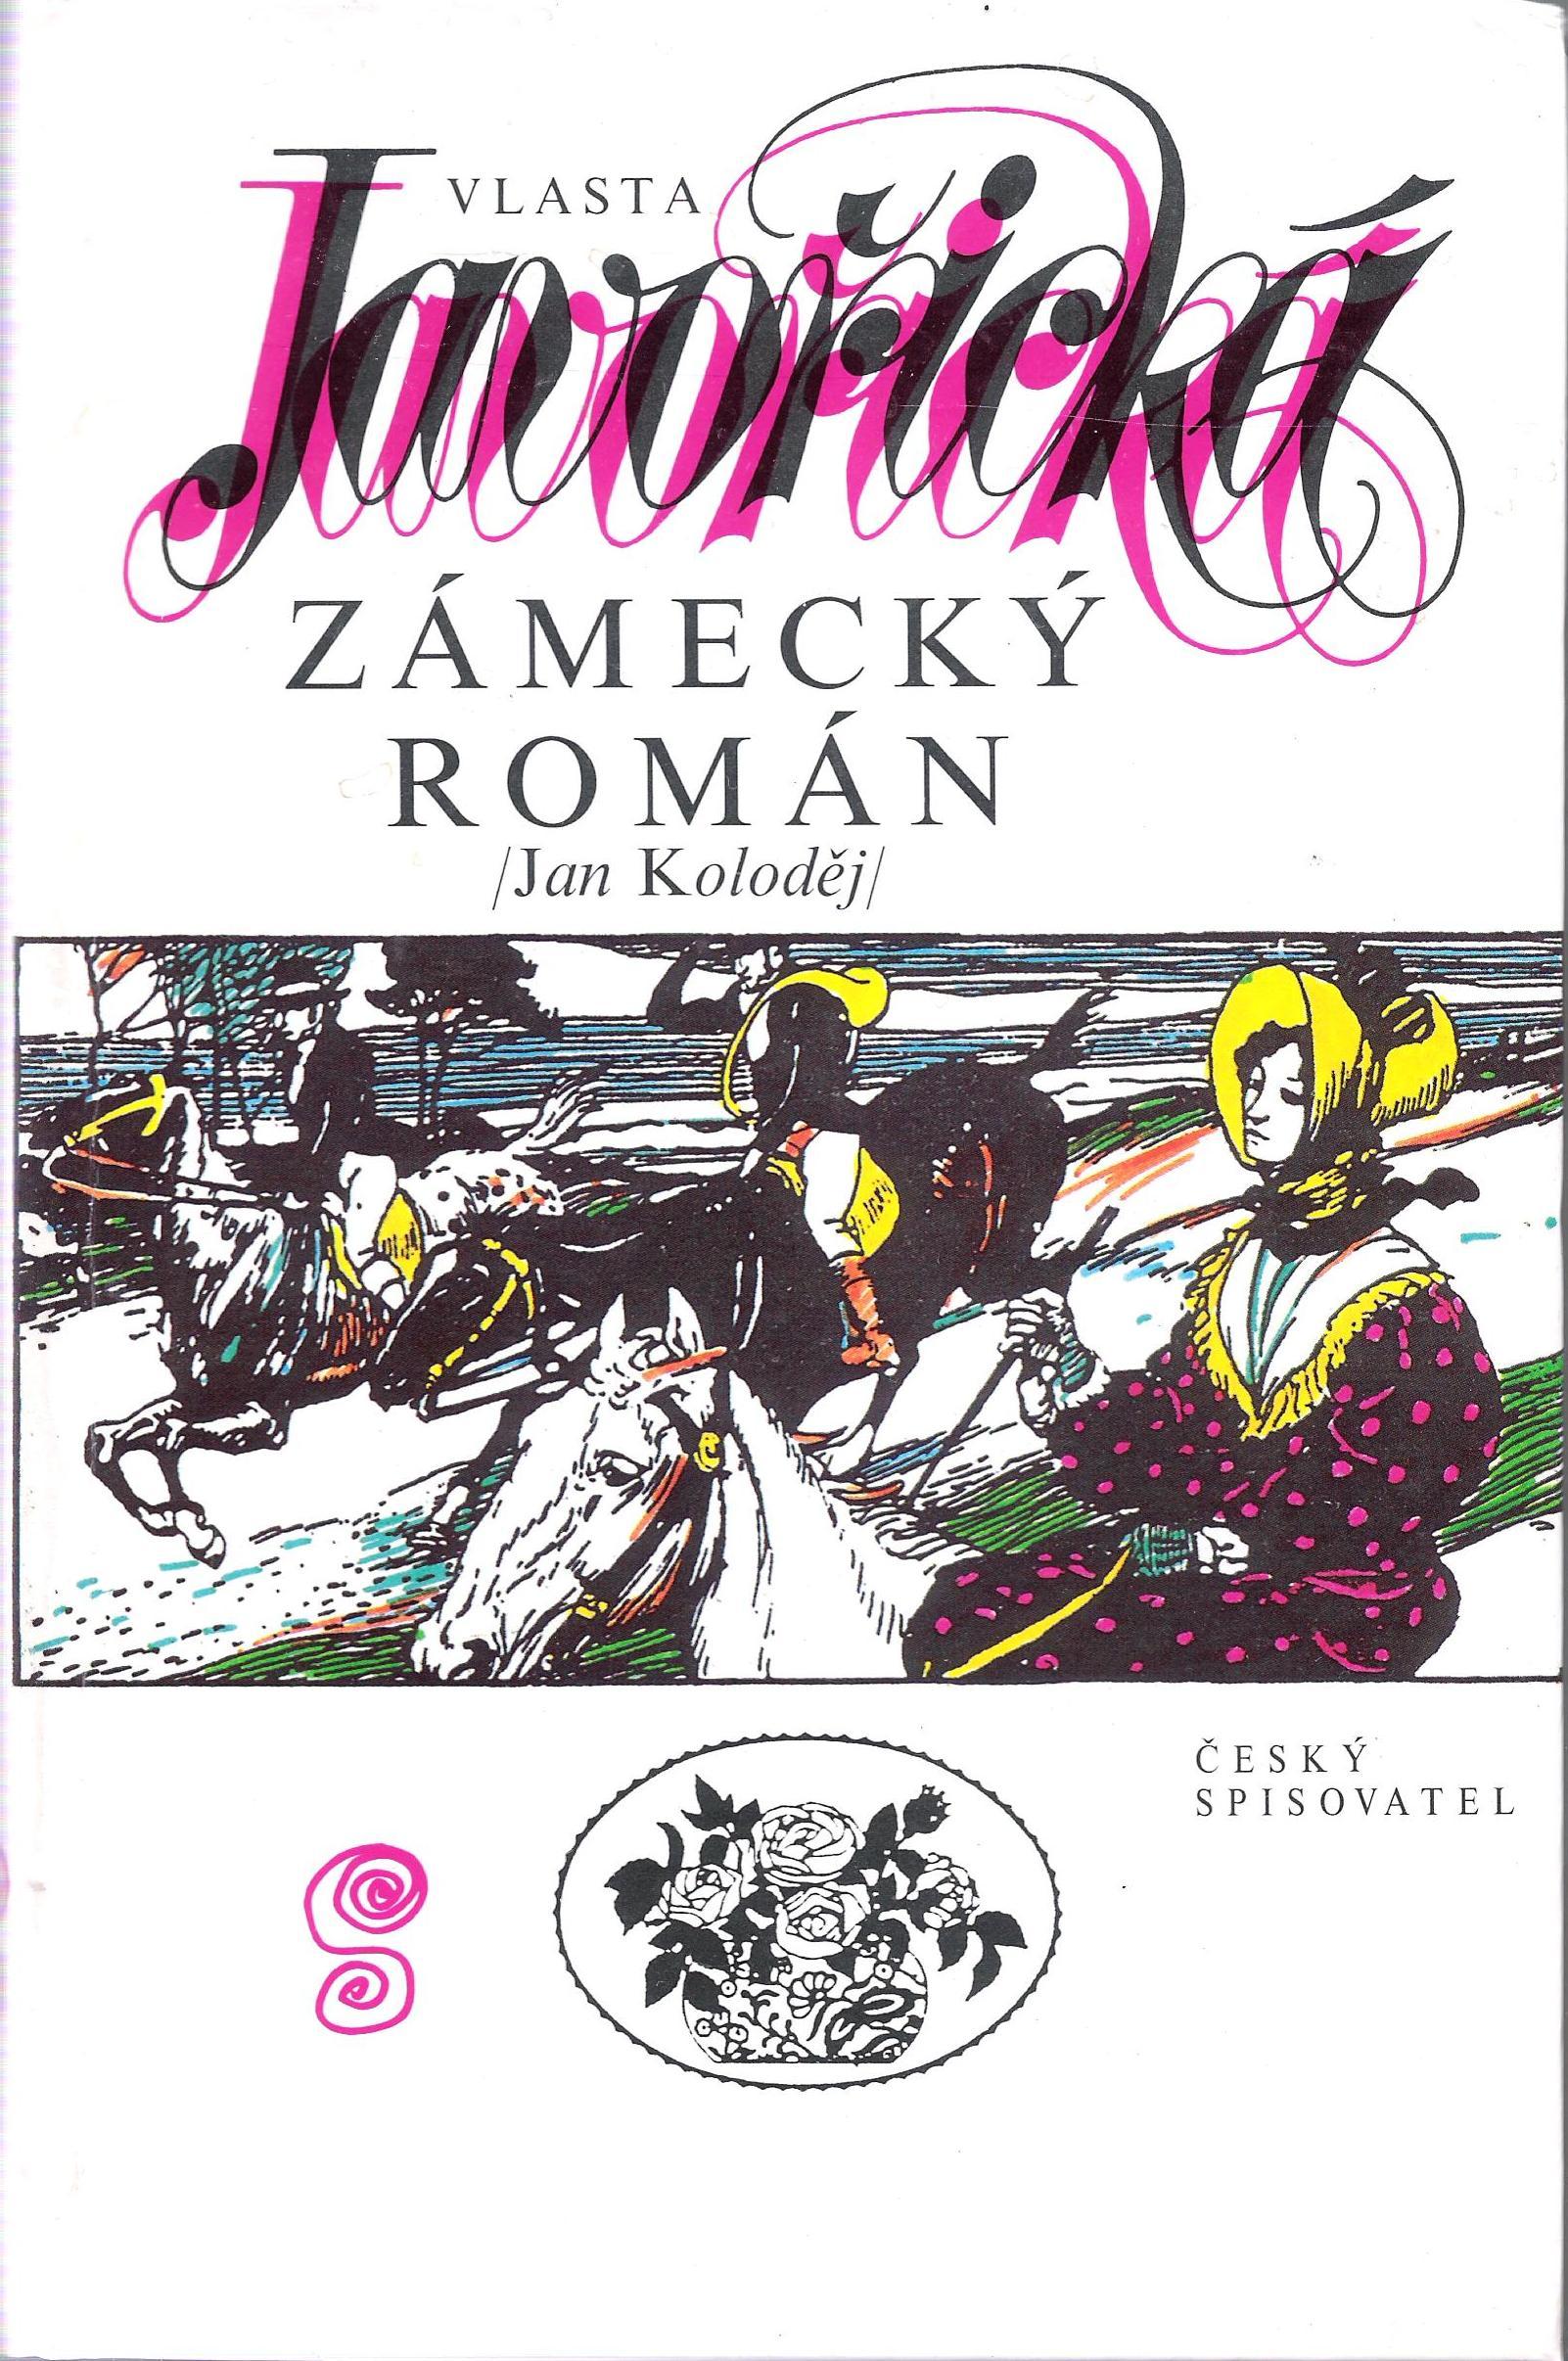 Zámecký román / Jan Koloděj / - Vlasta Javořická